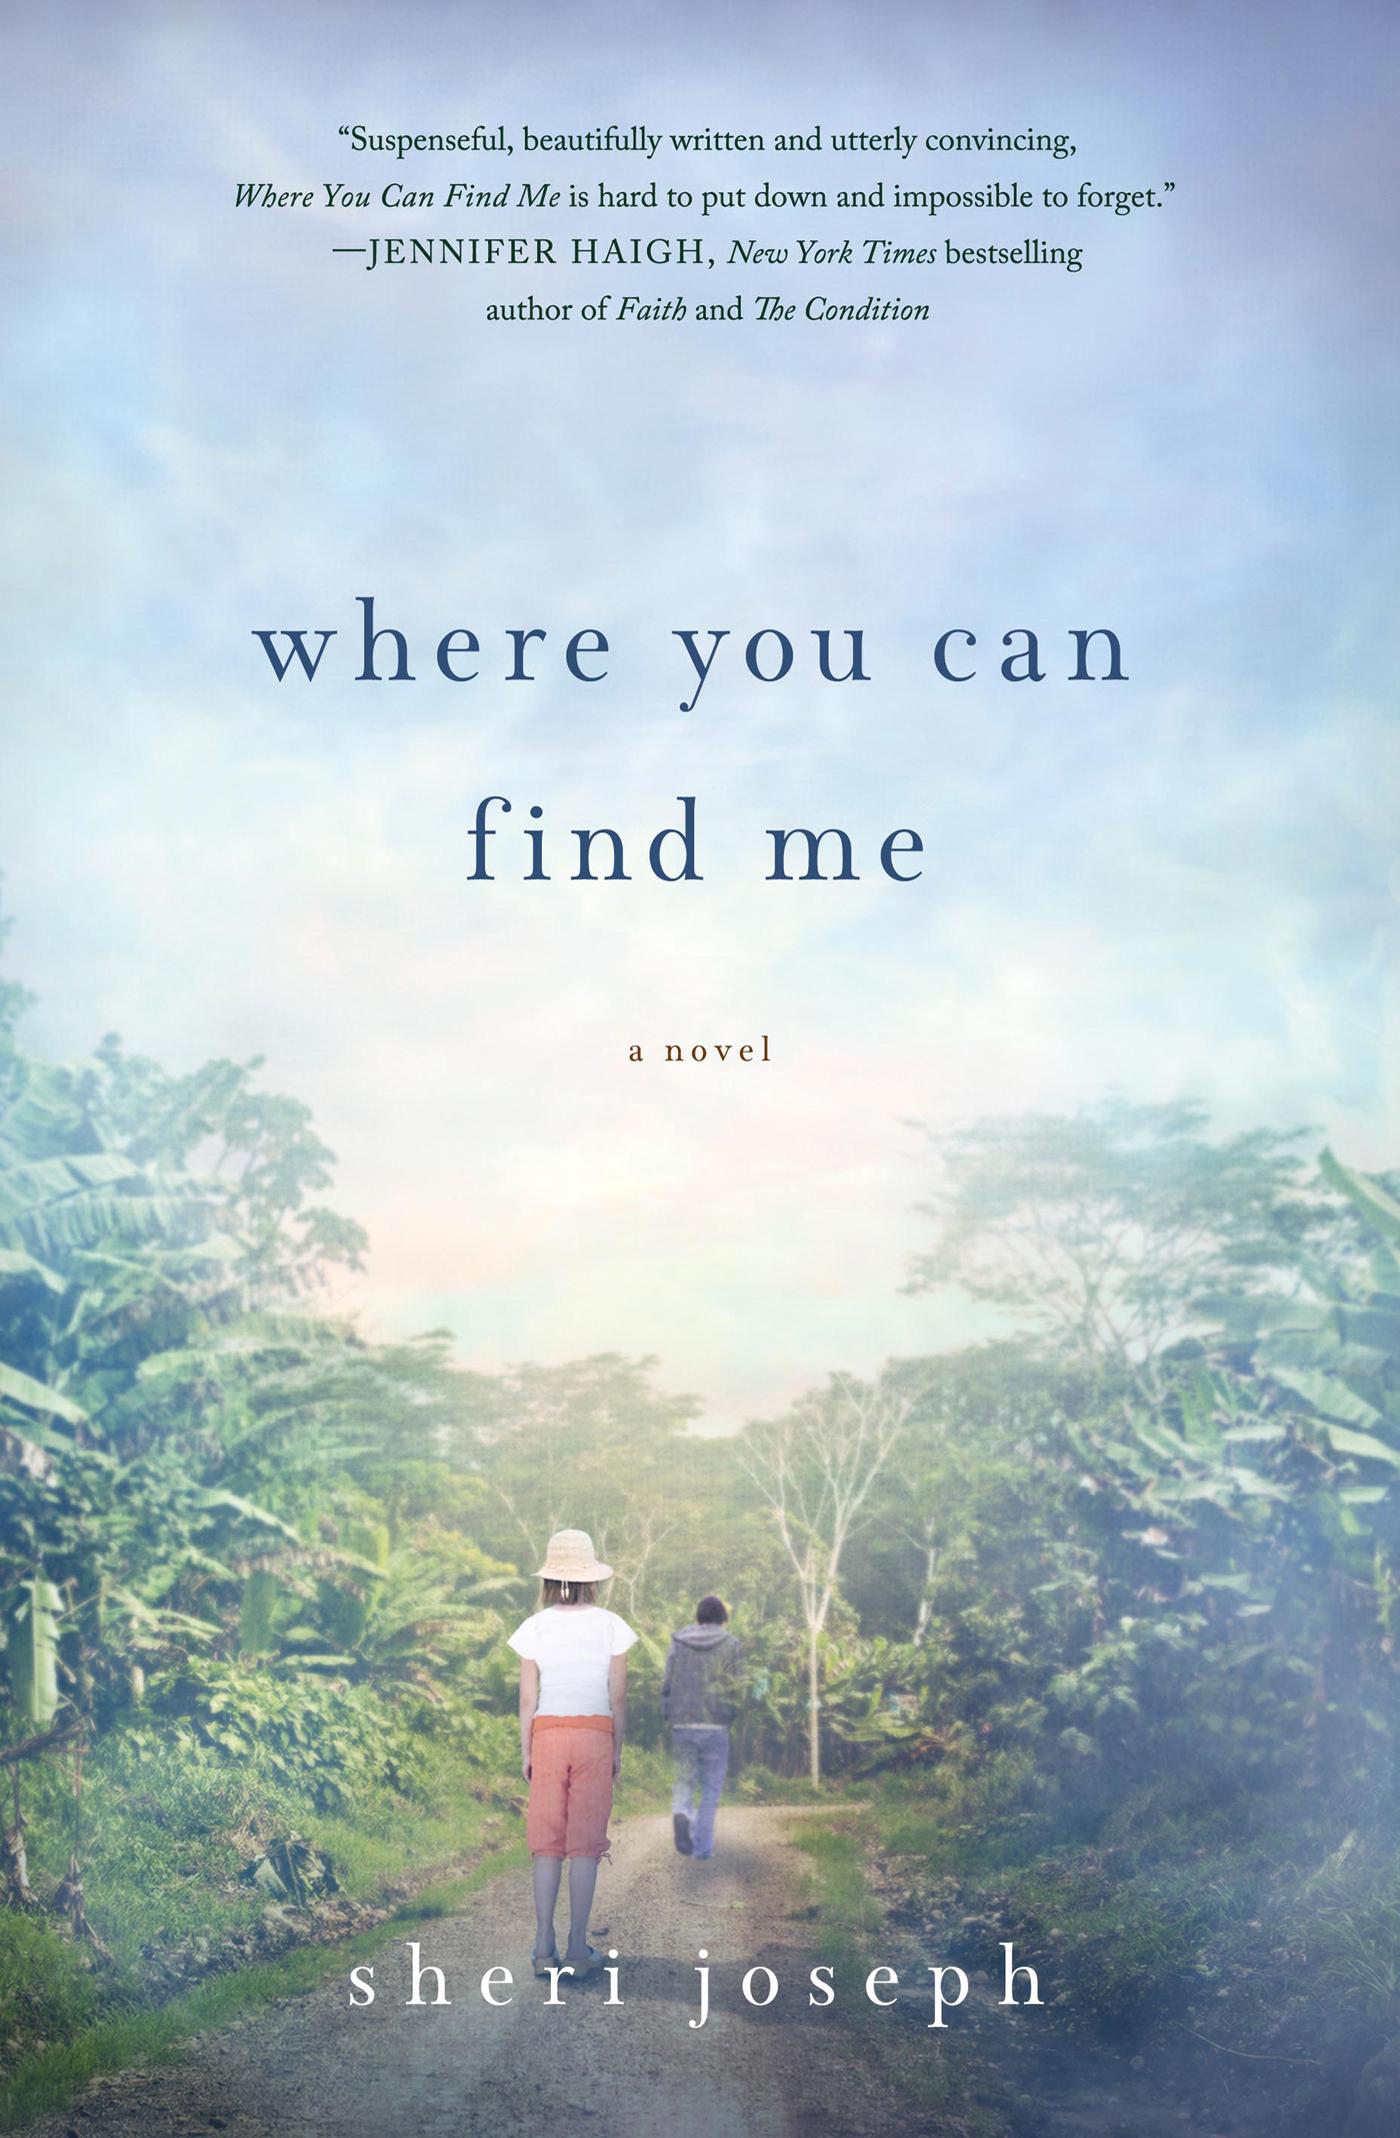 where-you-can-find-me-jpg.jpg